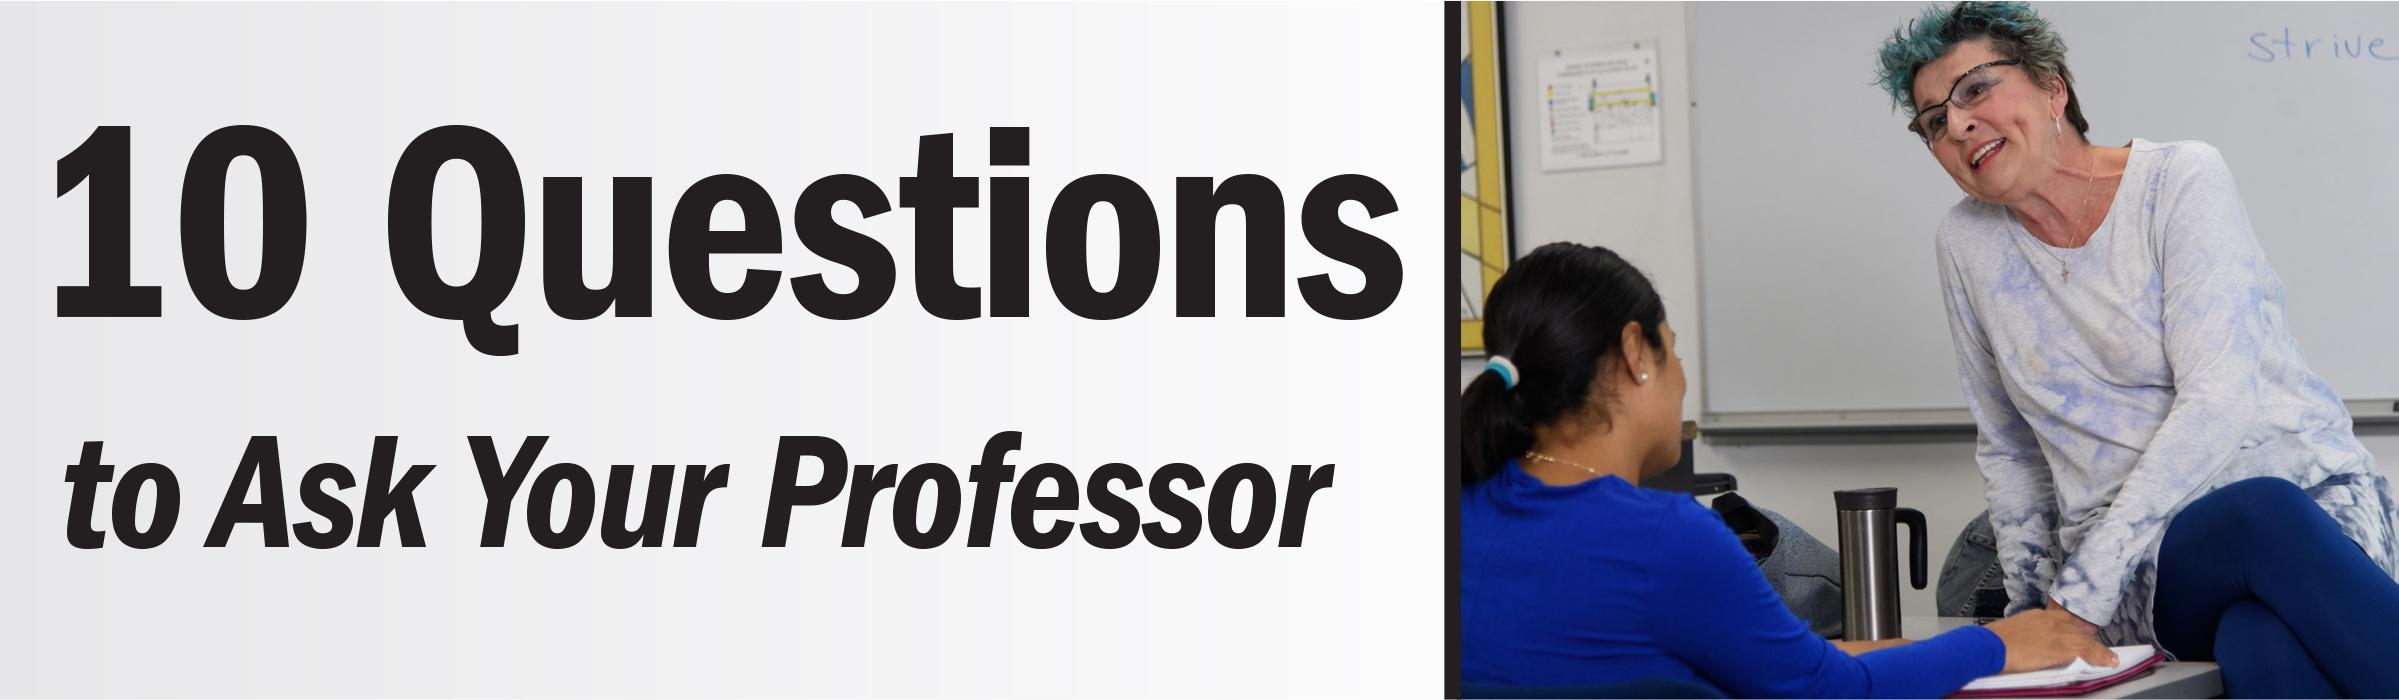 10 questions to ask your professor jjc joliet junior college